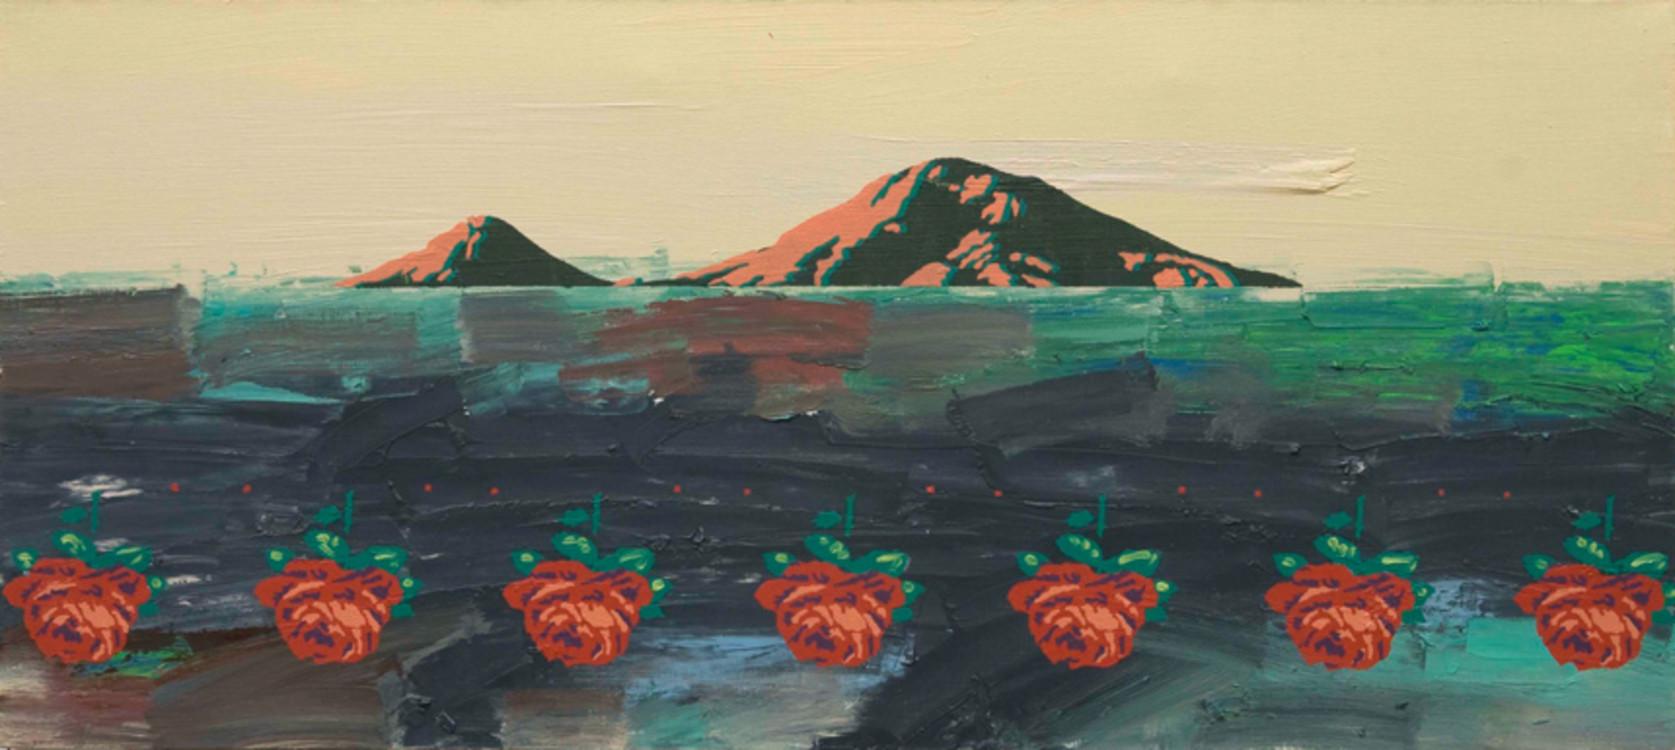 Олег Тистол, 2006, Из цикла Арарат, холст, масло